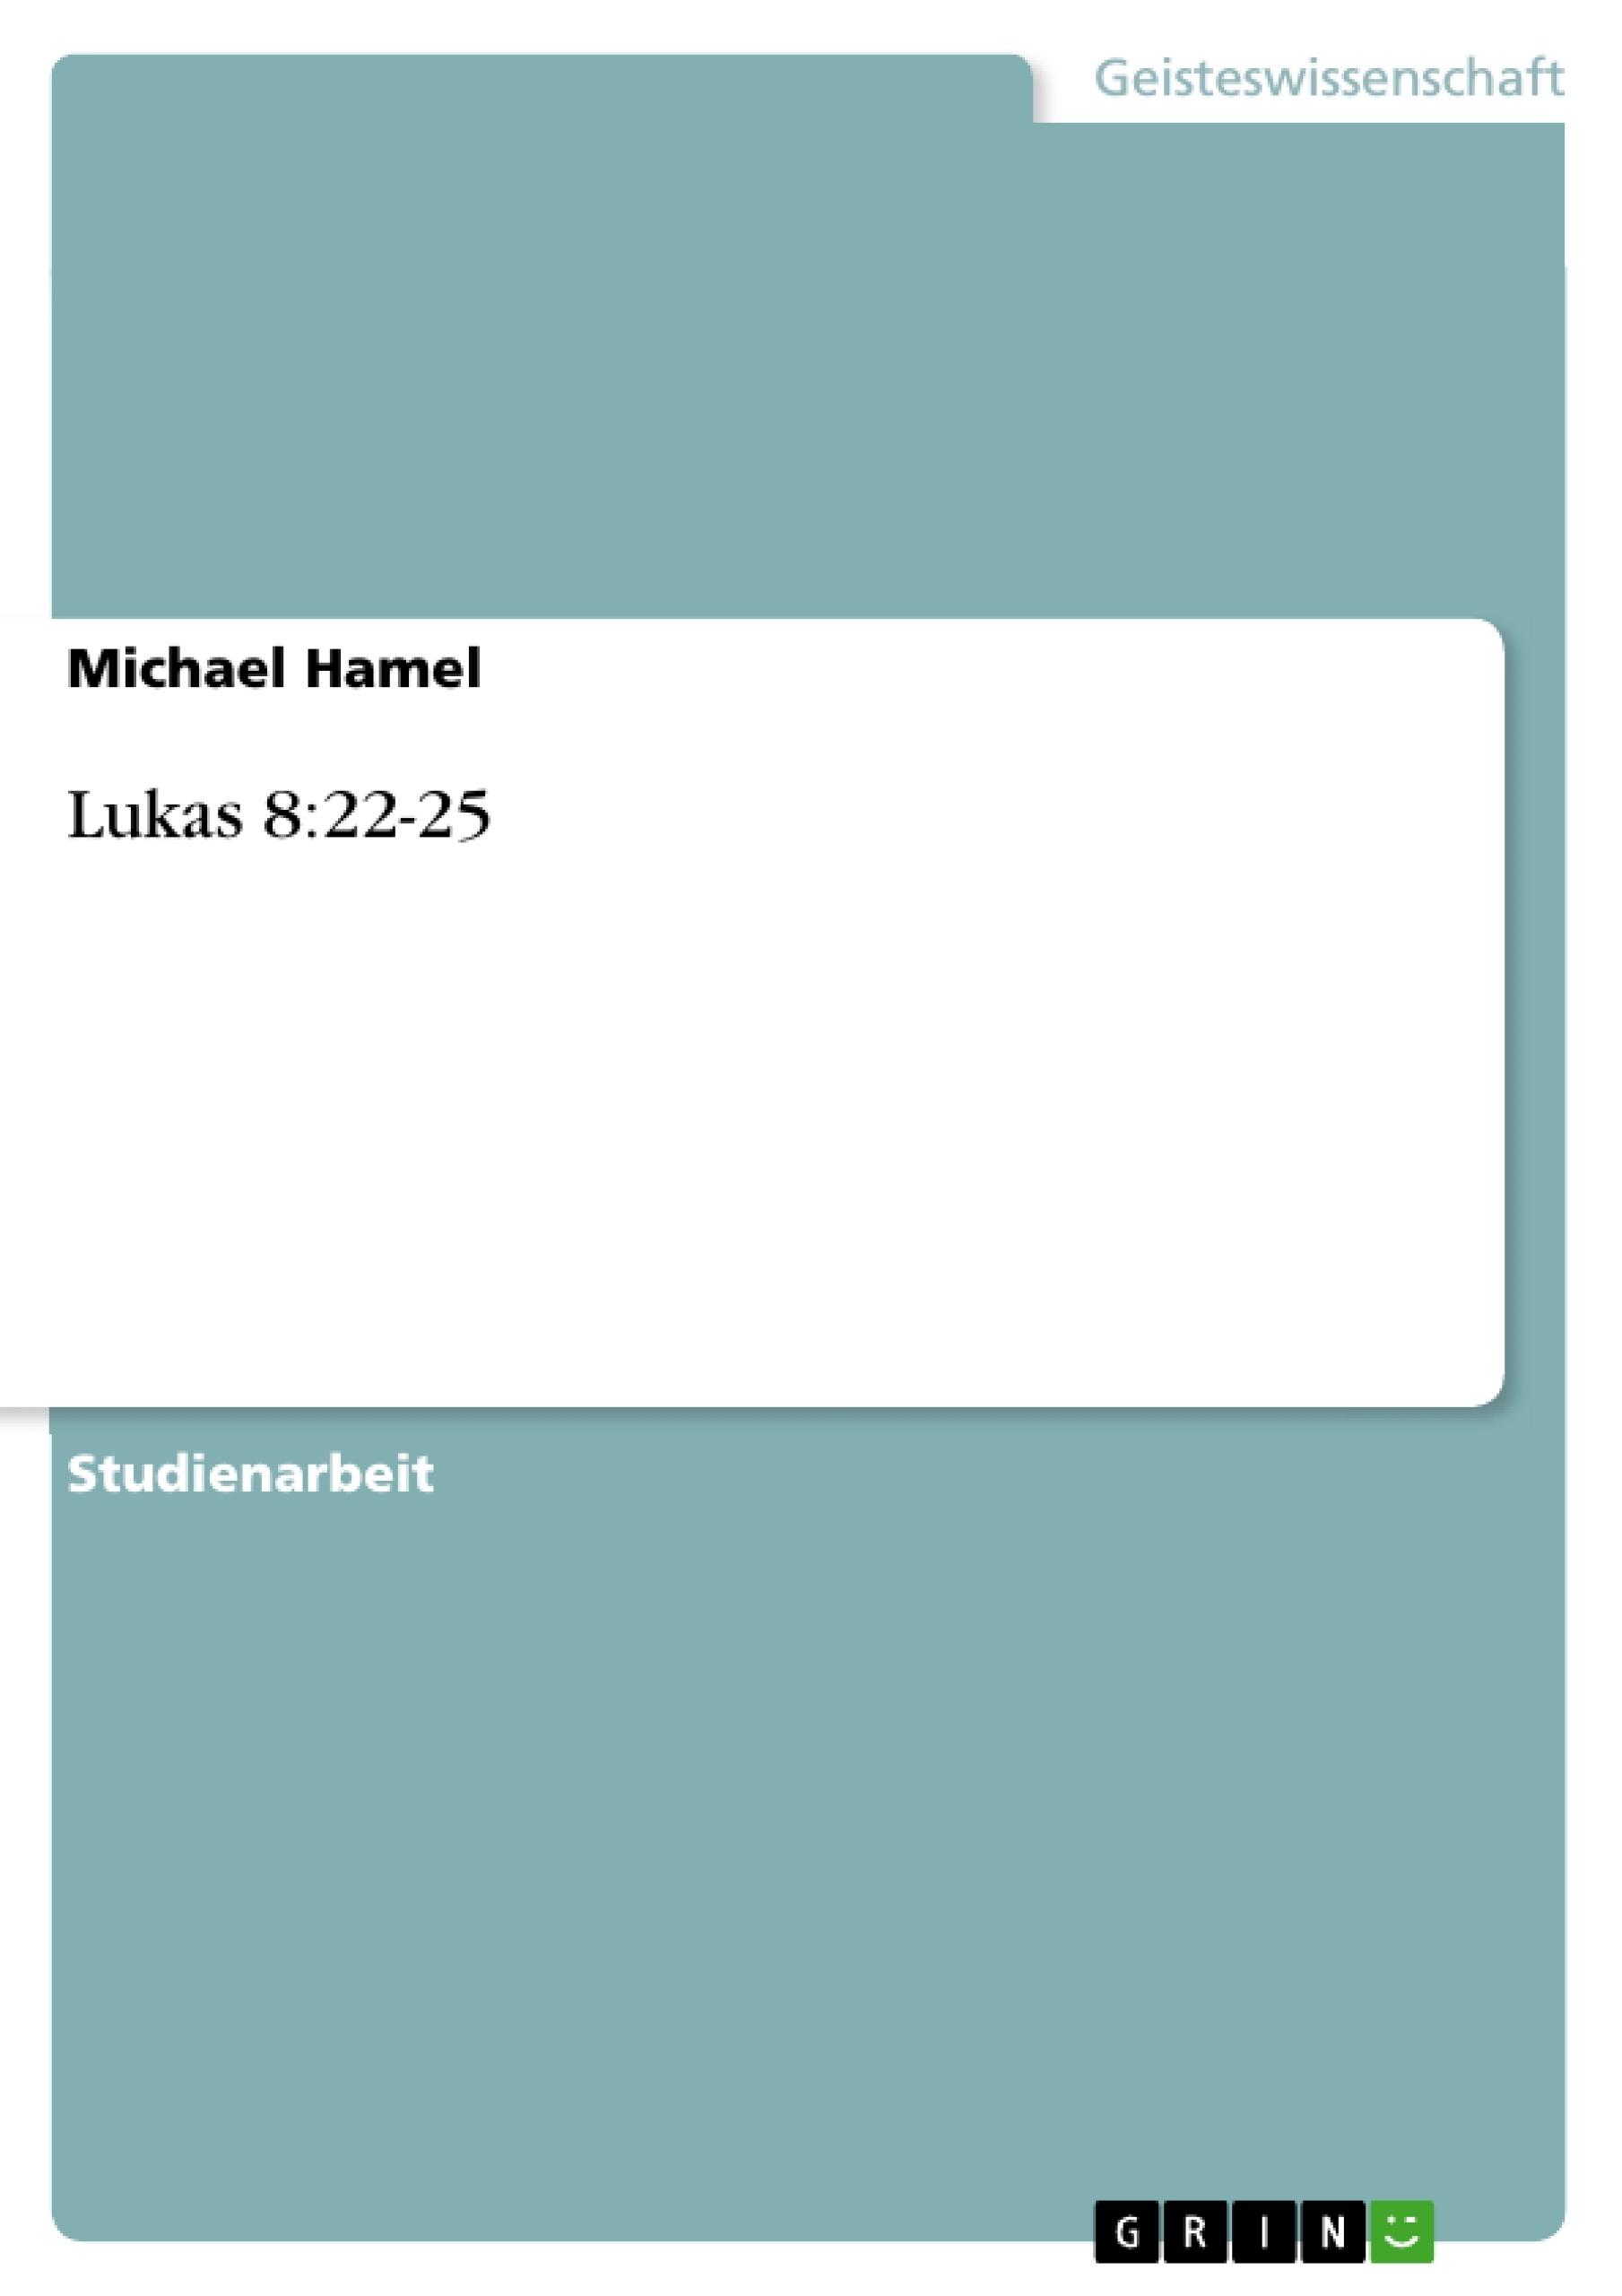 Titel: Lukas 8:22-25